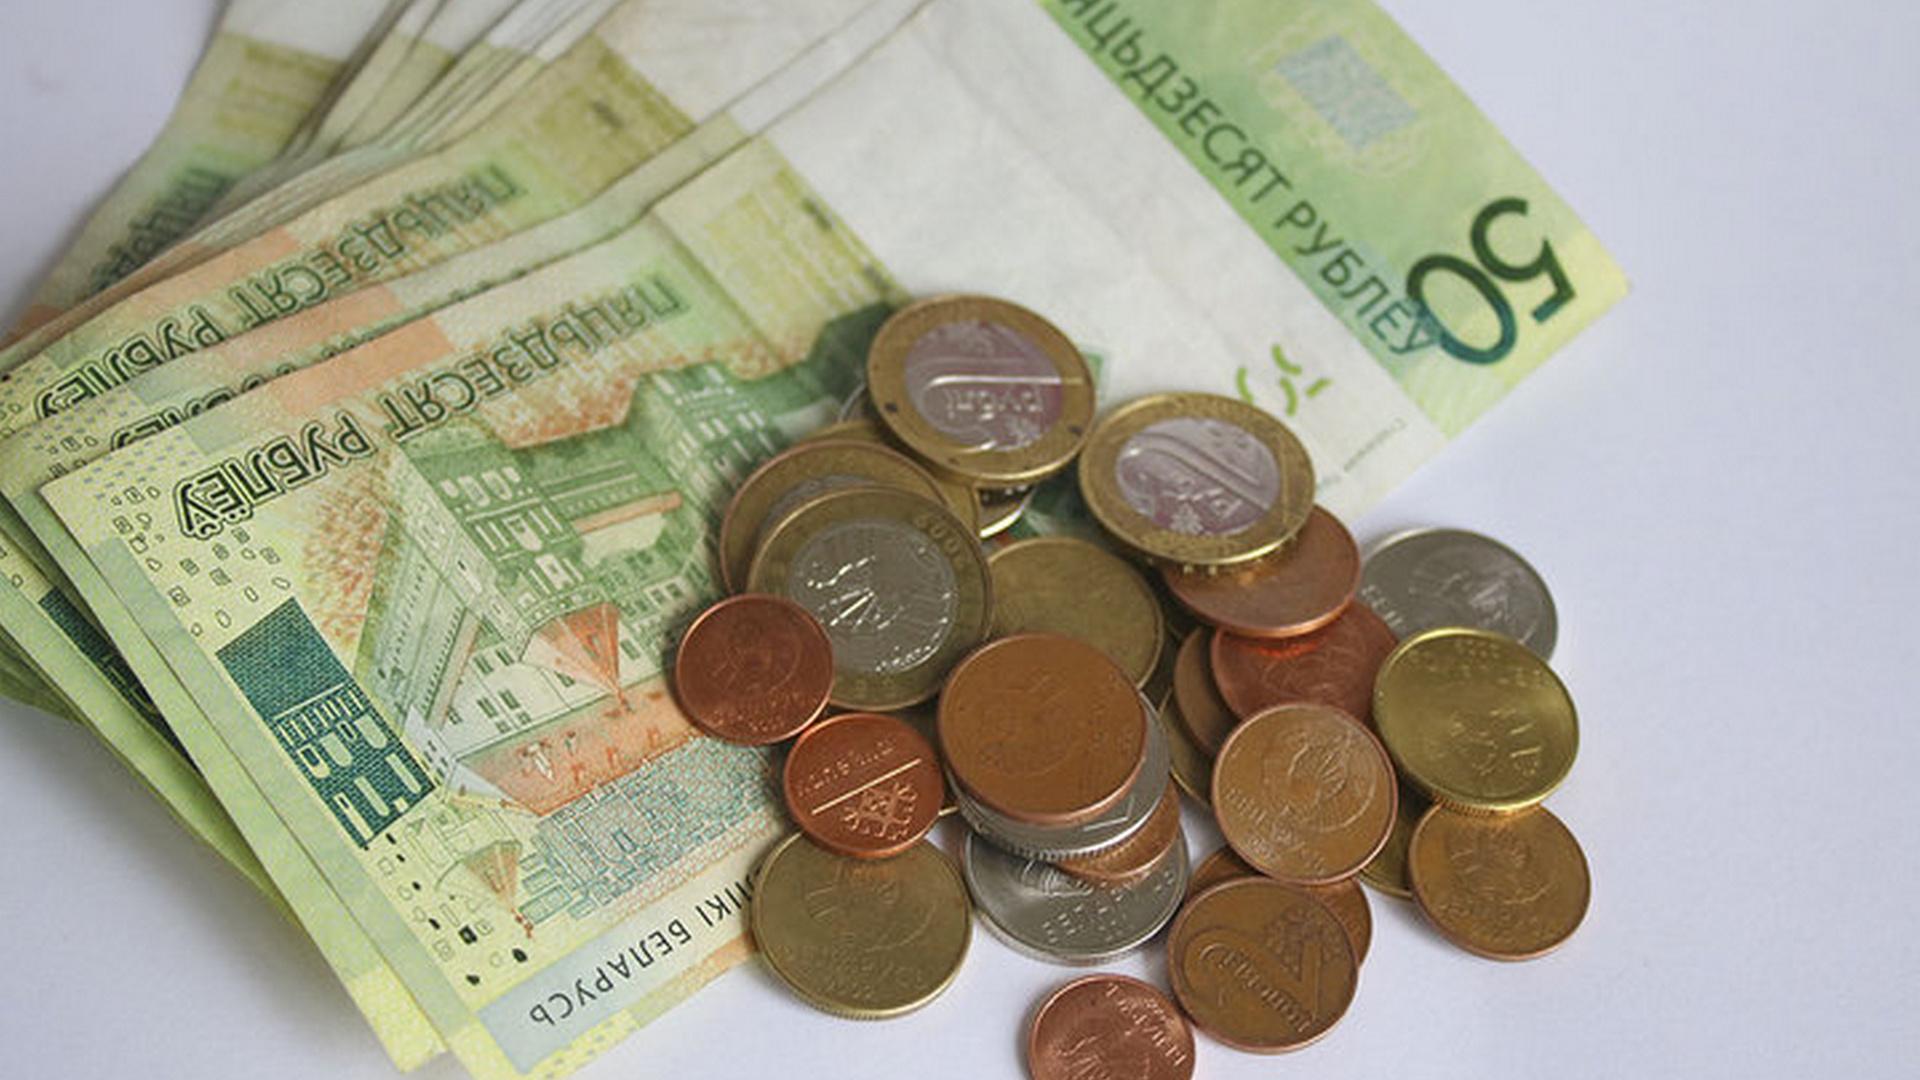 ней картинки беларуских рублей открытки похмелья